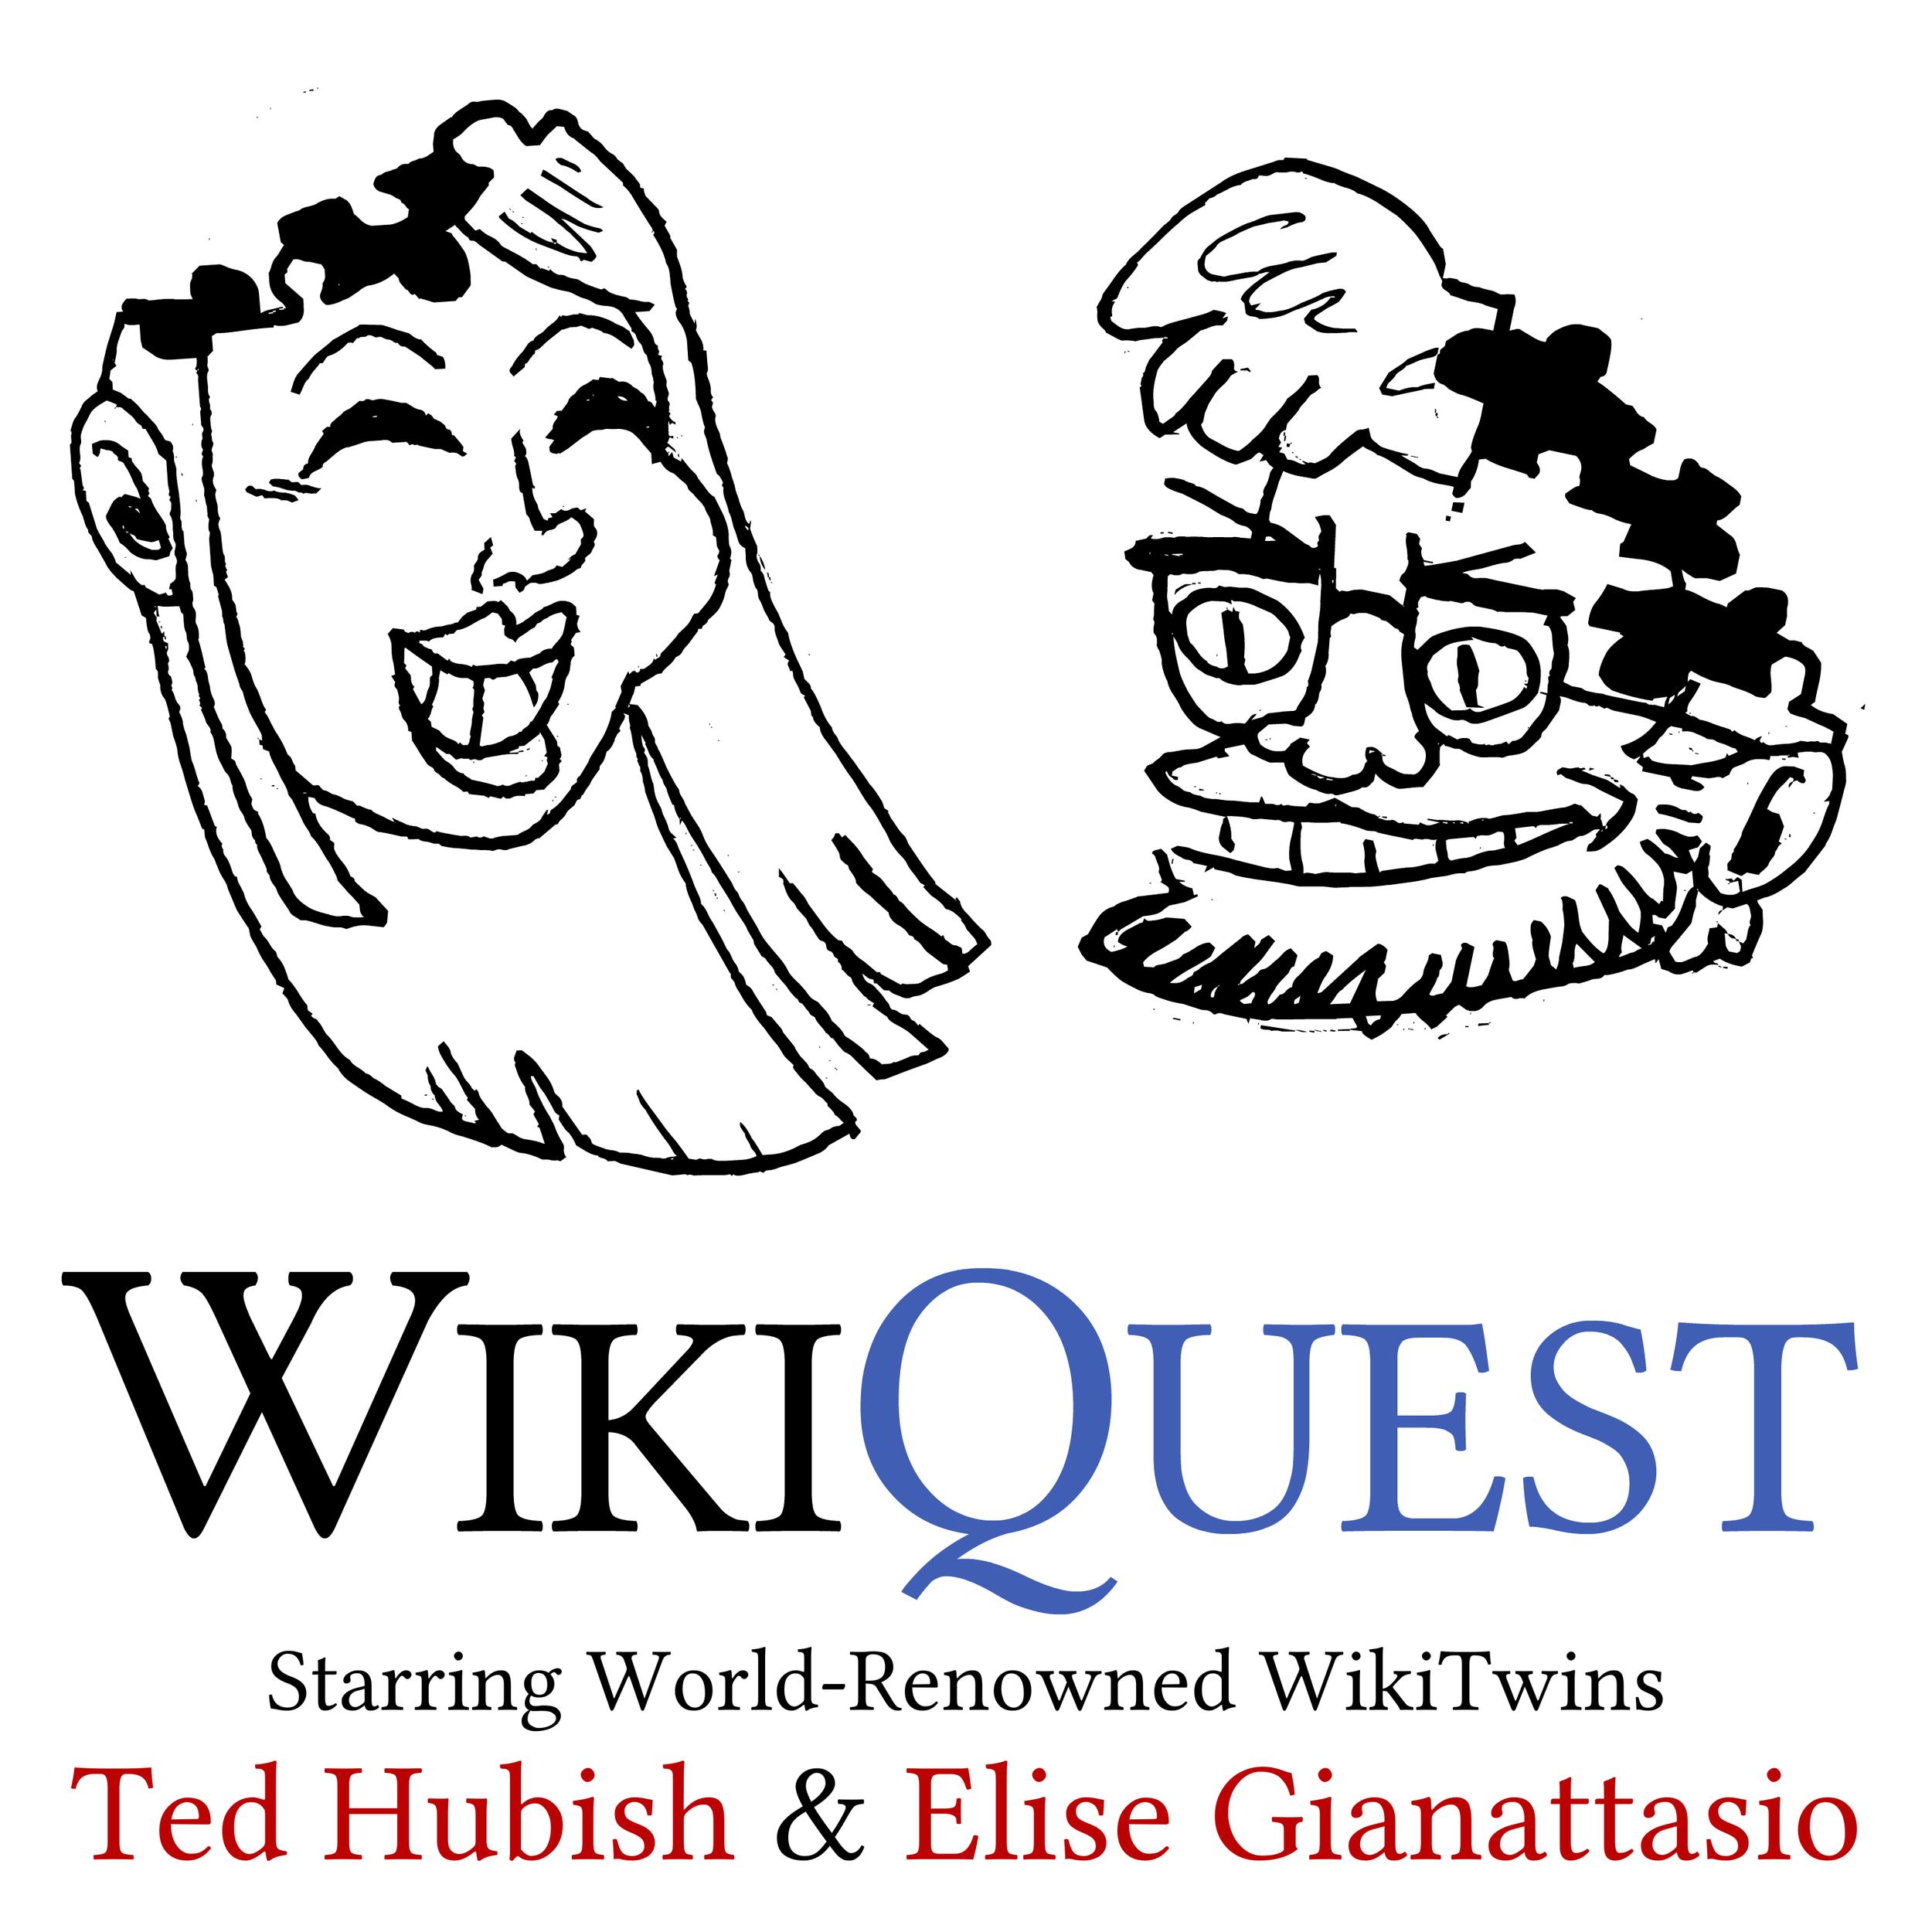 wikiquest-logo1.png